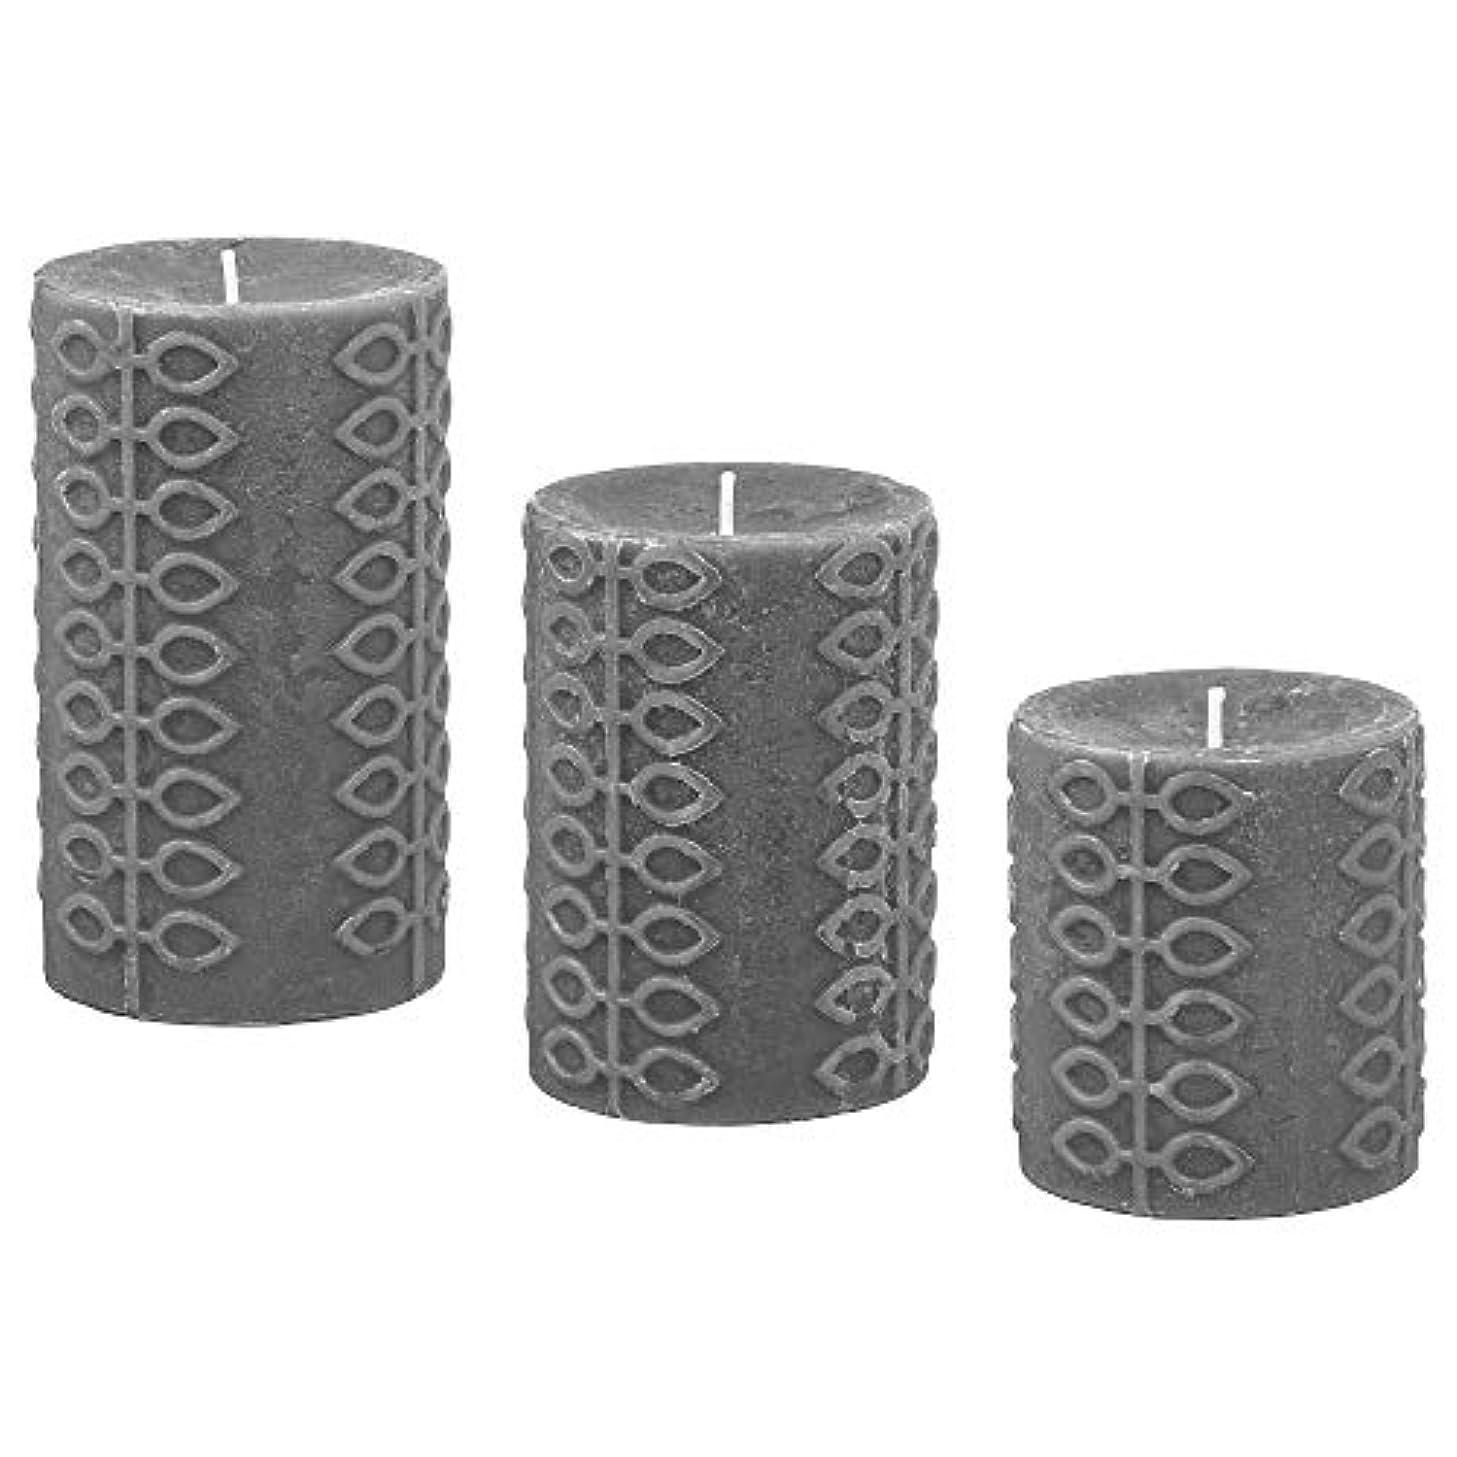 送る困難軽食IKEA/イケア NJUTNING:香り付きブロックキャンドル3個セット 花開くベルガモット/グレー(303.505.15)